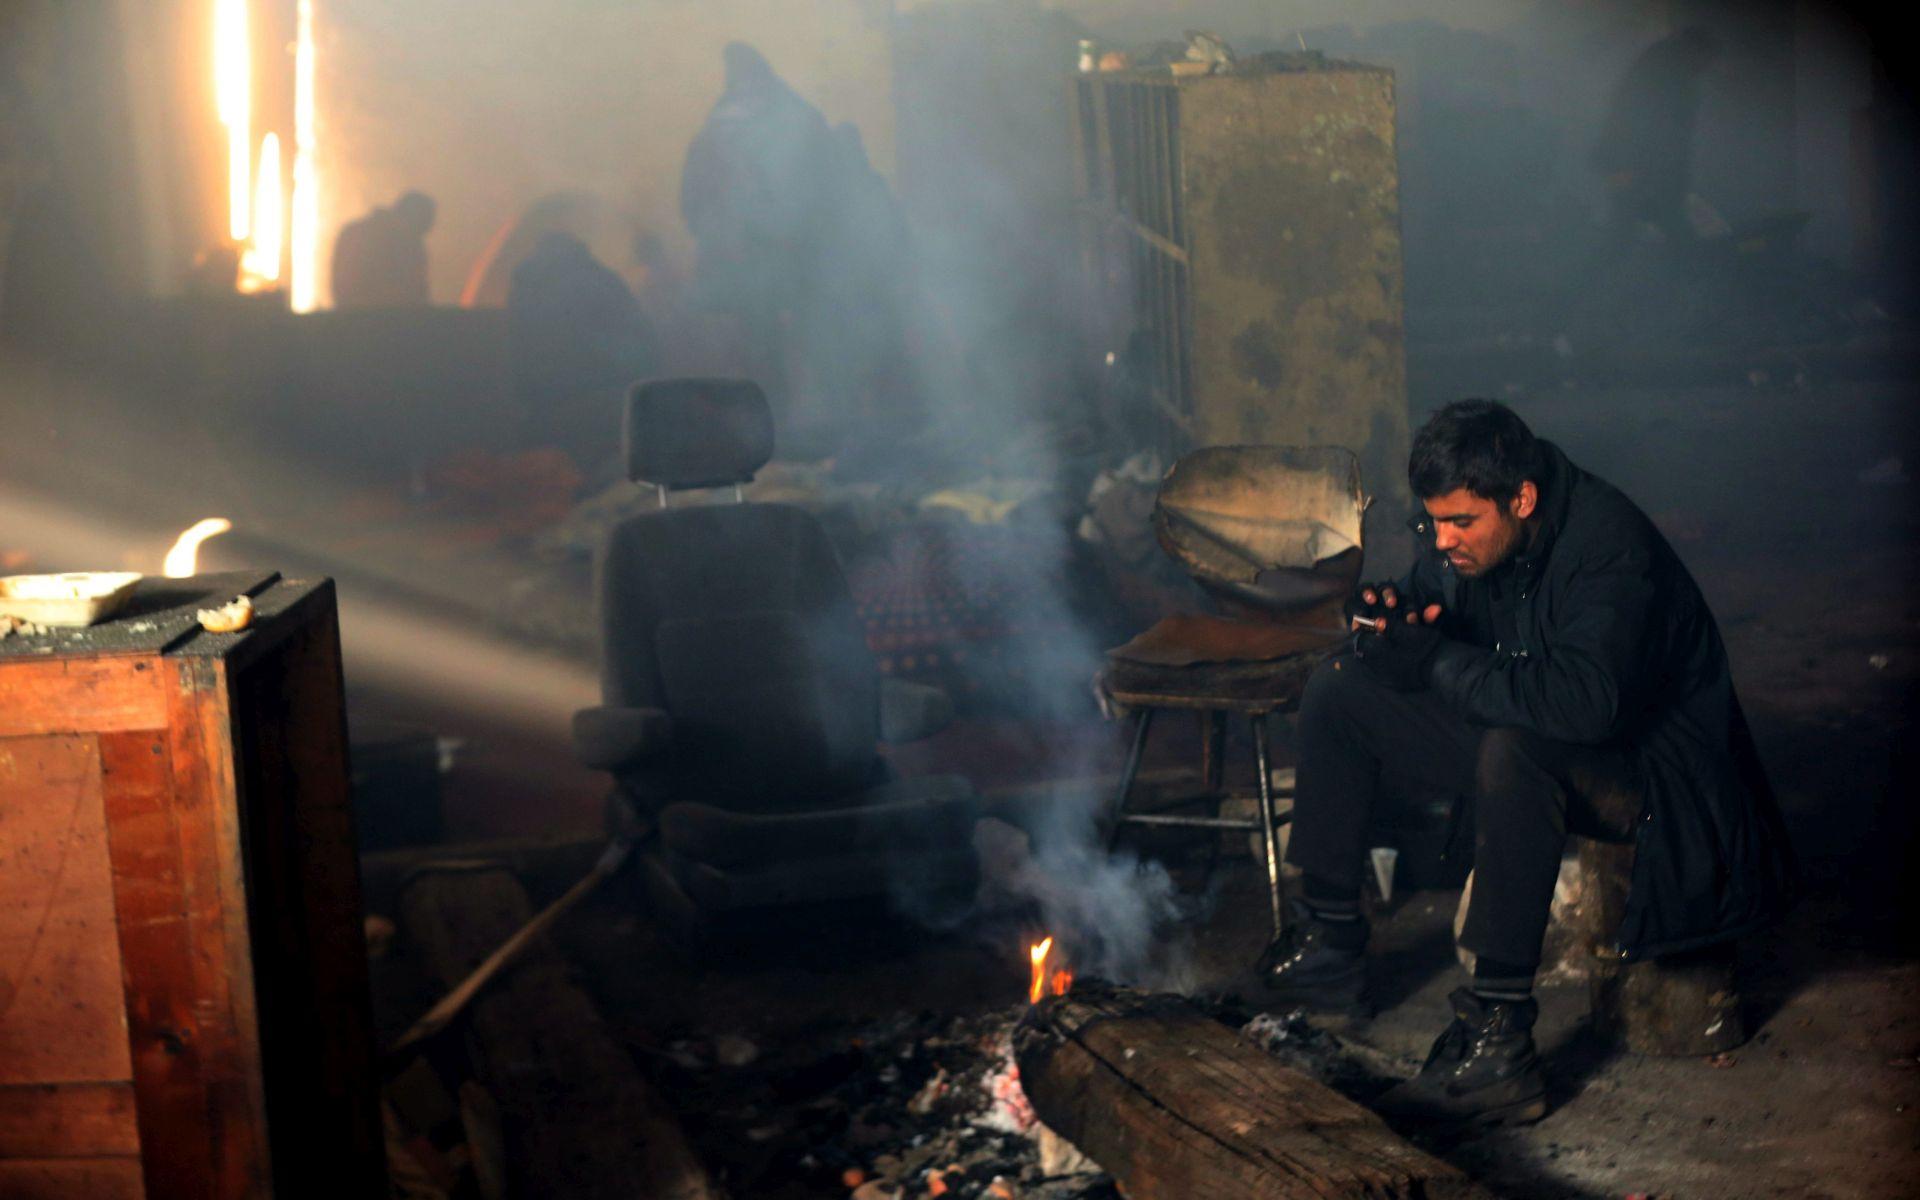 POKRENULI INICIJATIVU: Građani strepe zbog migranata nakon incidenta u Šidu